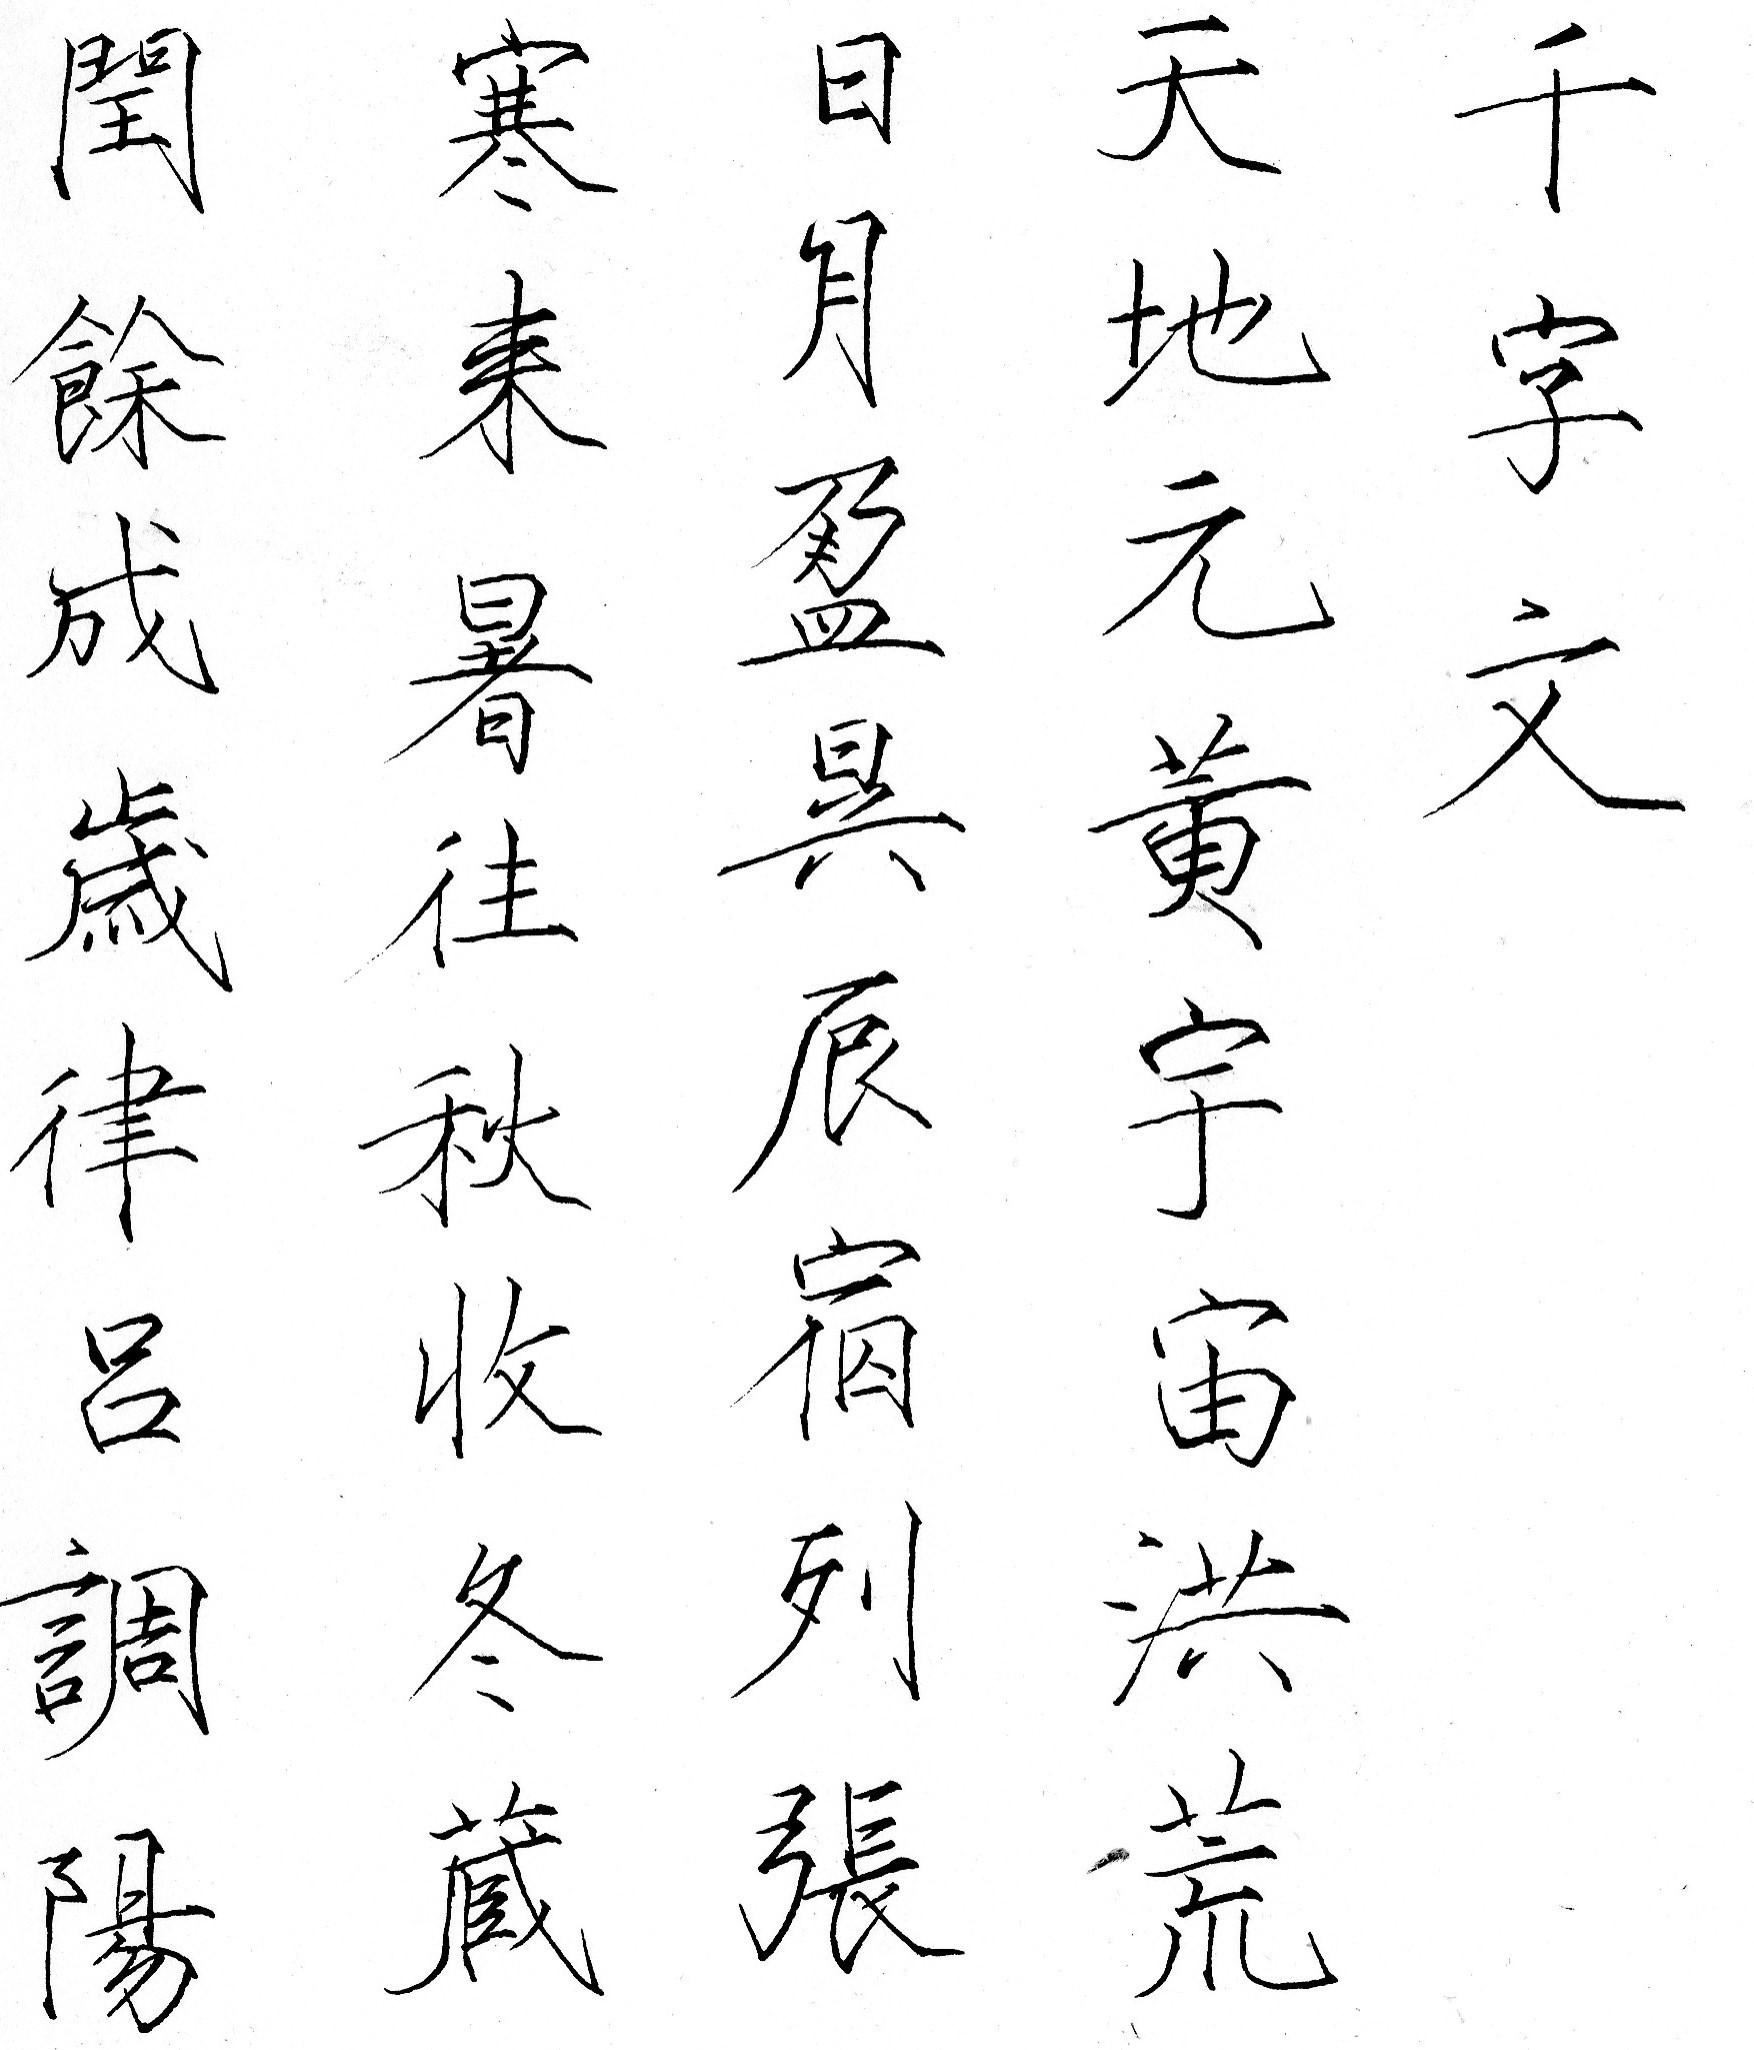 宋体书法,宋体书法字帖图片图片